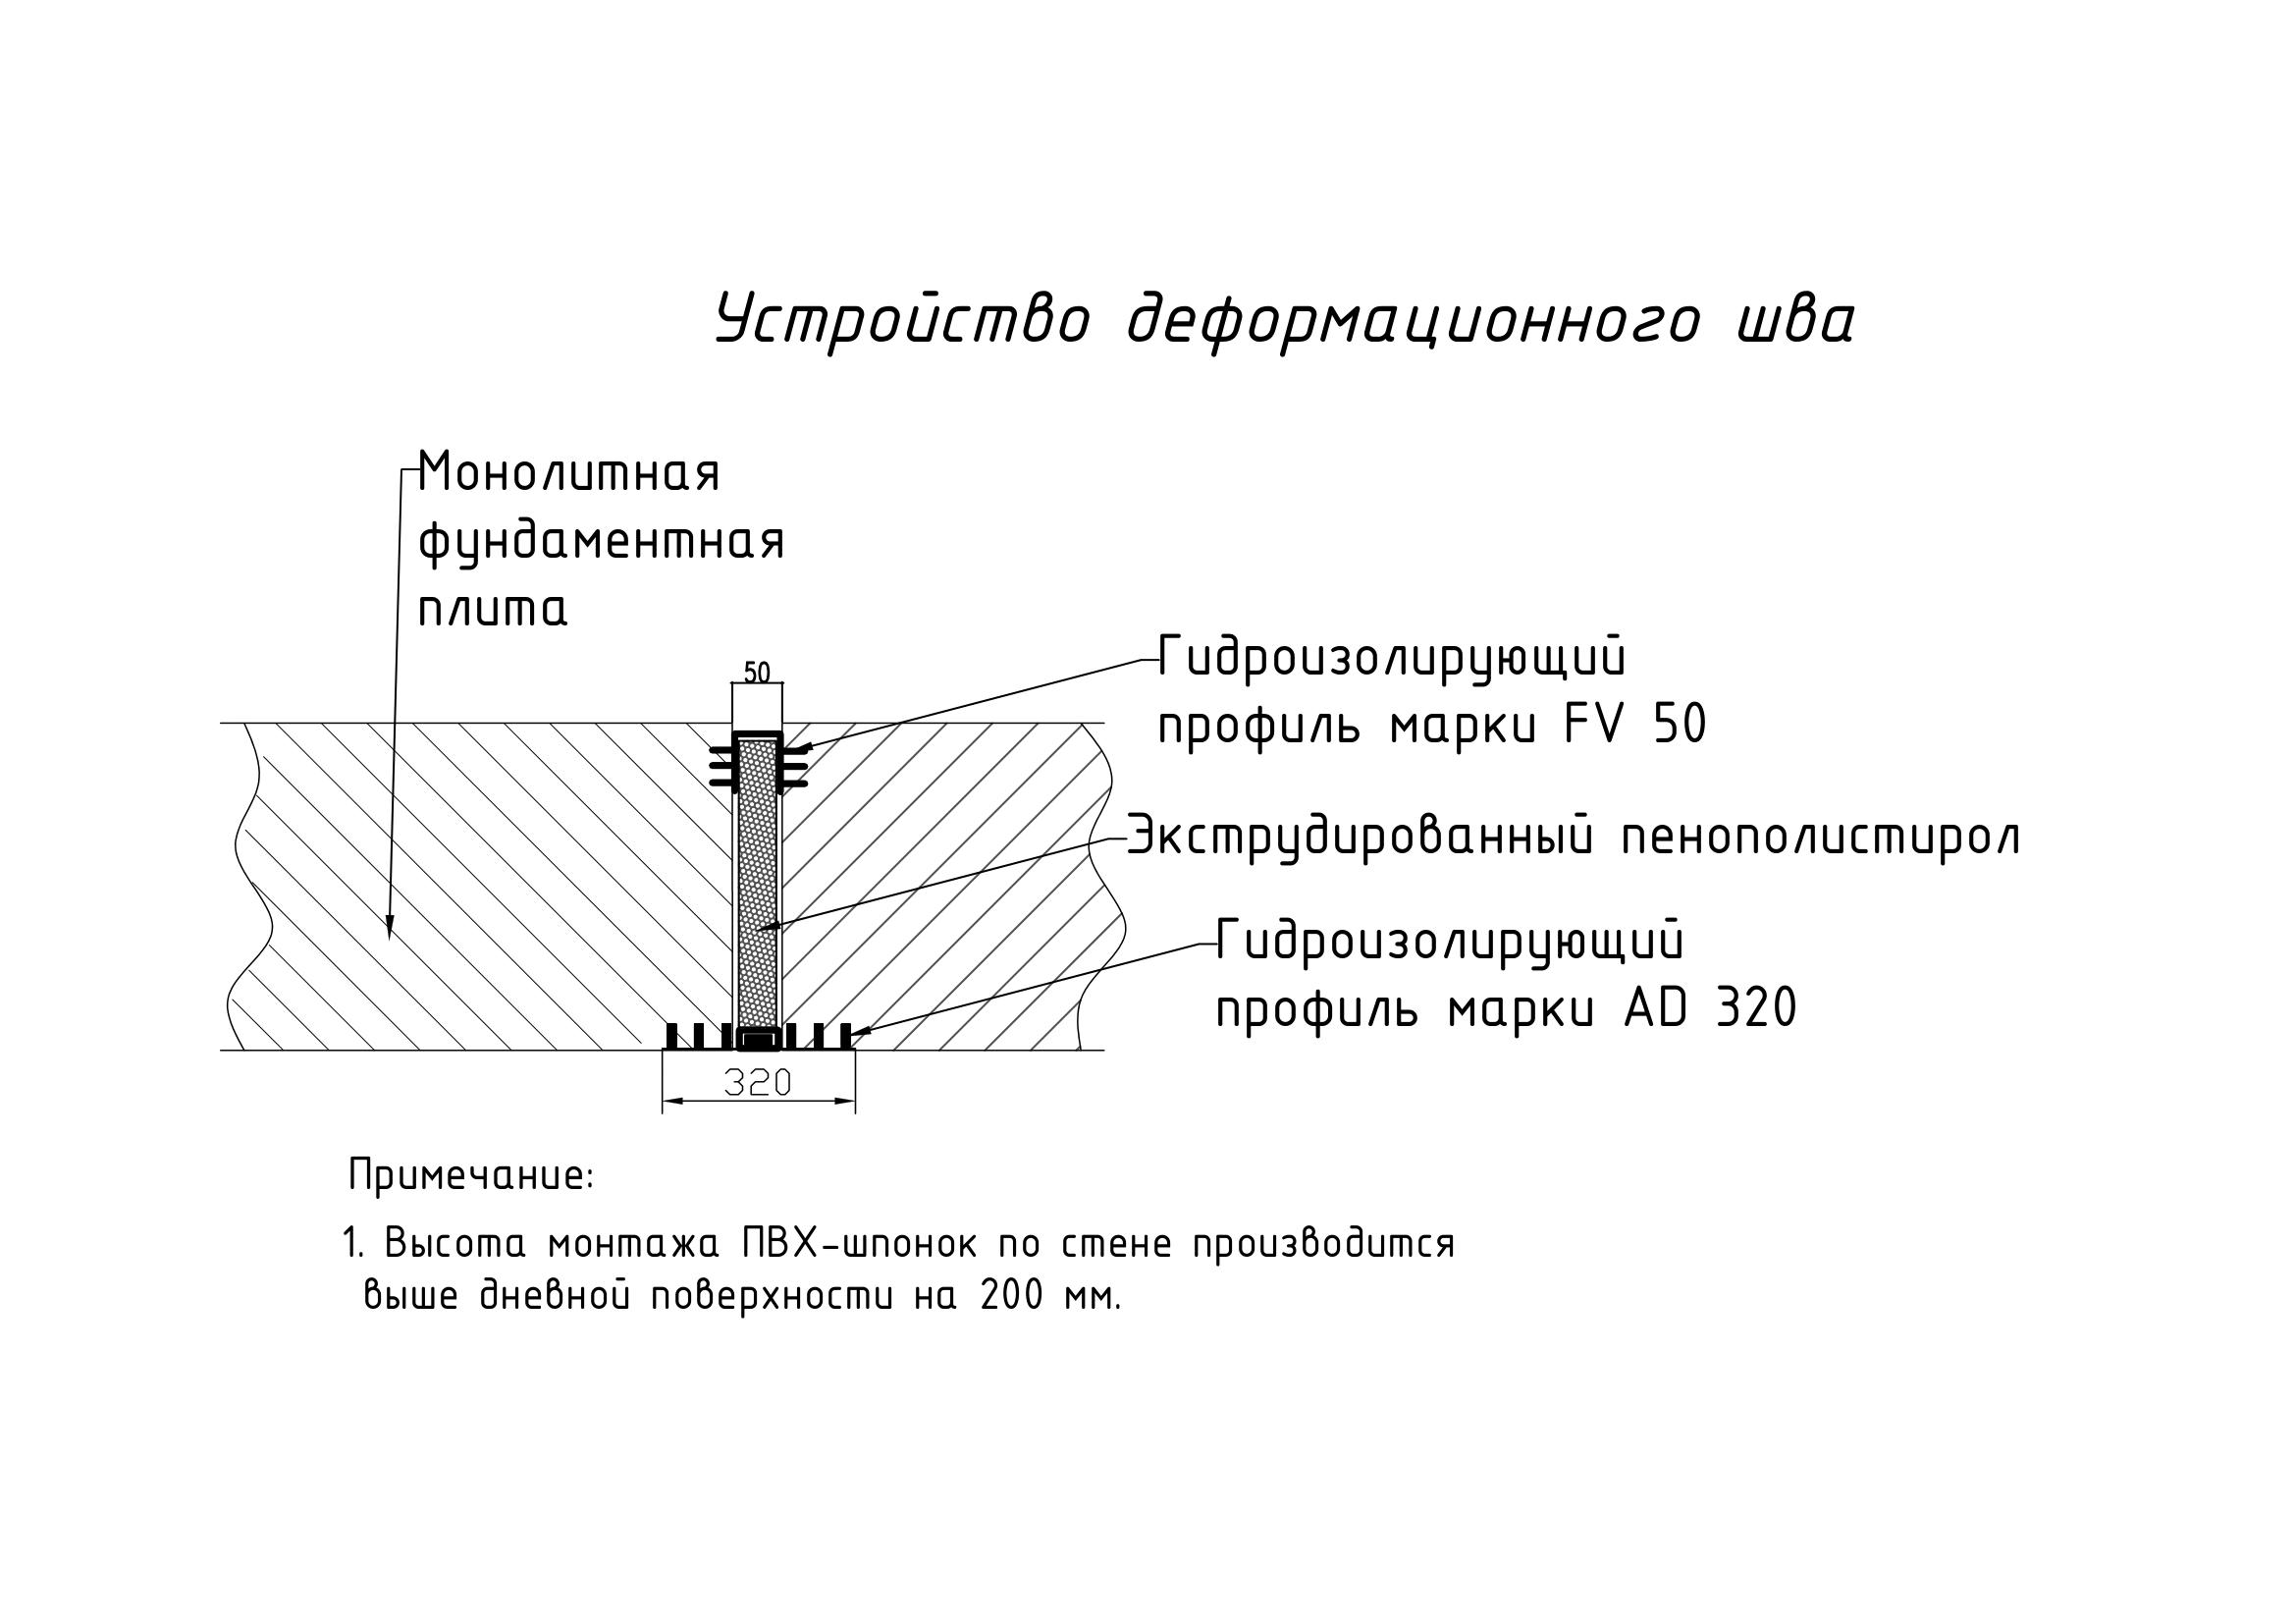 устройство деформационного шва-1